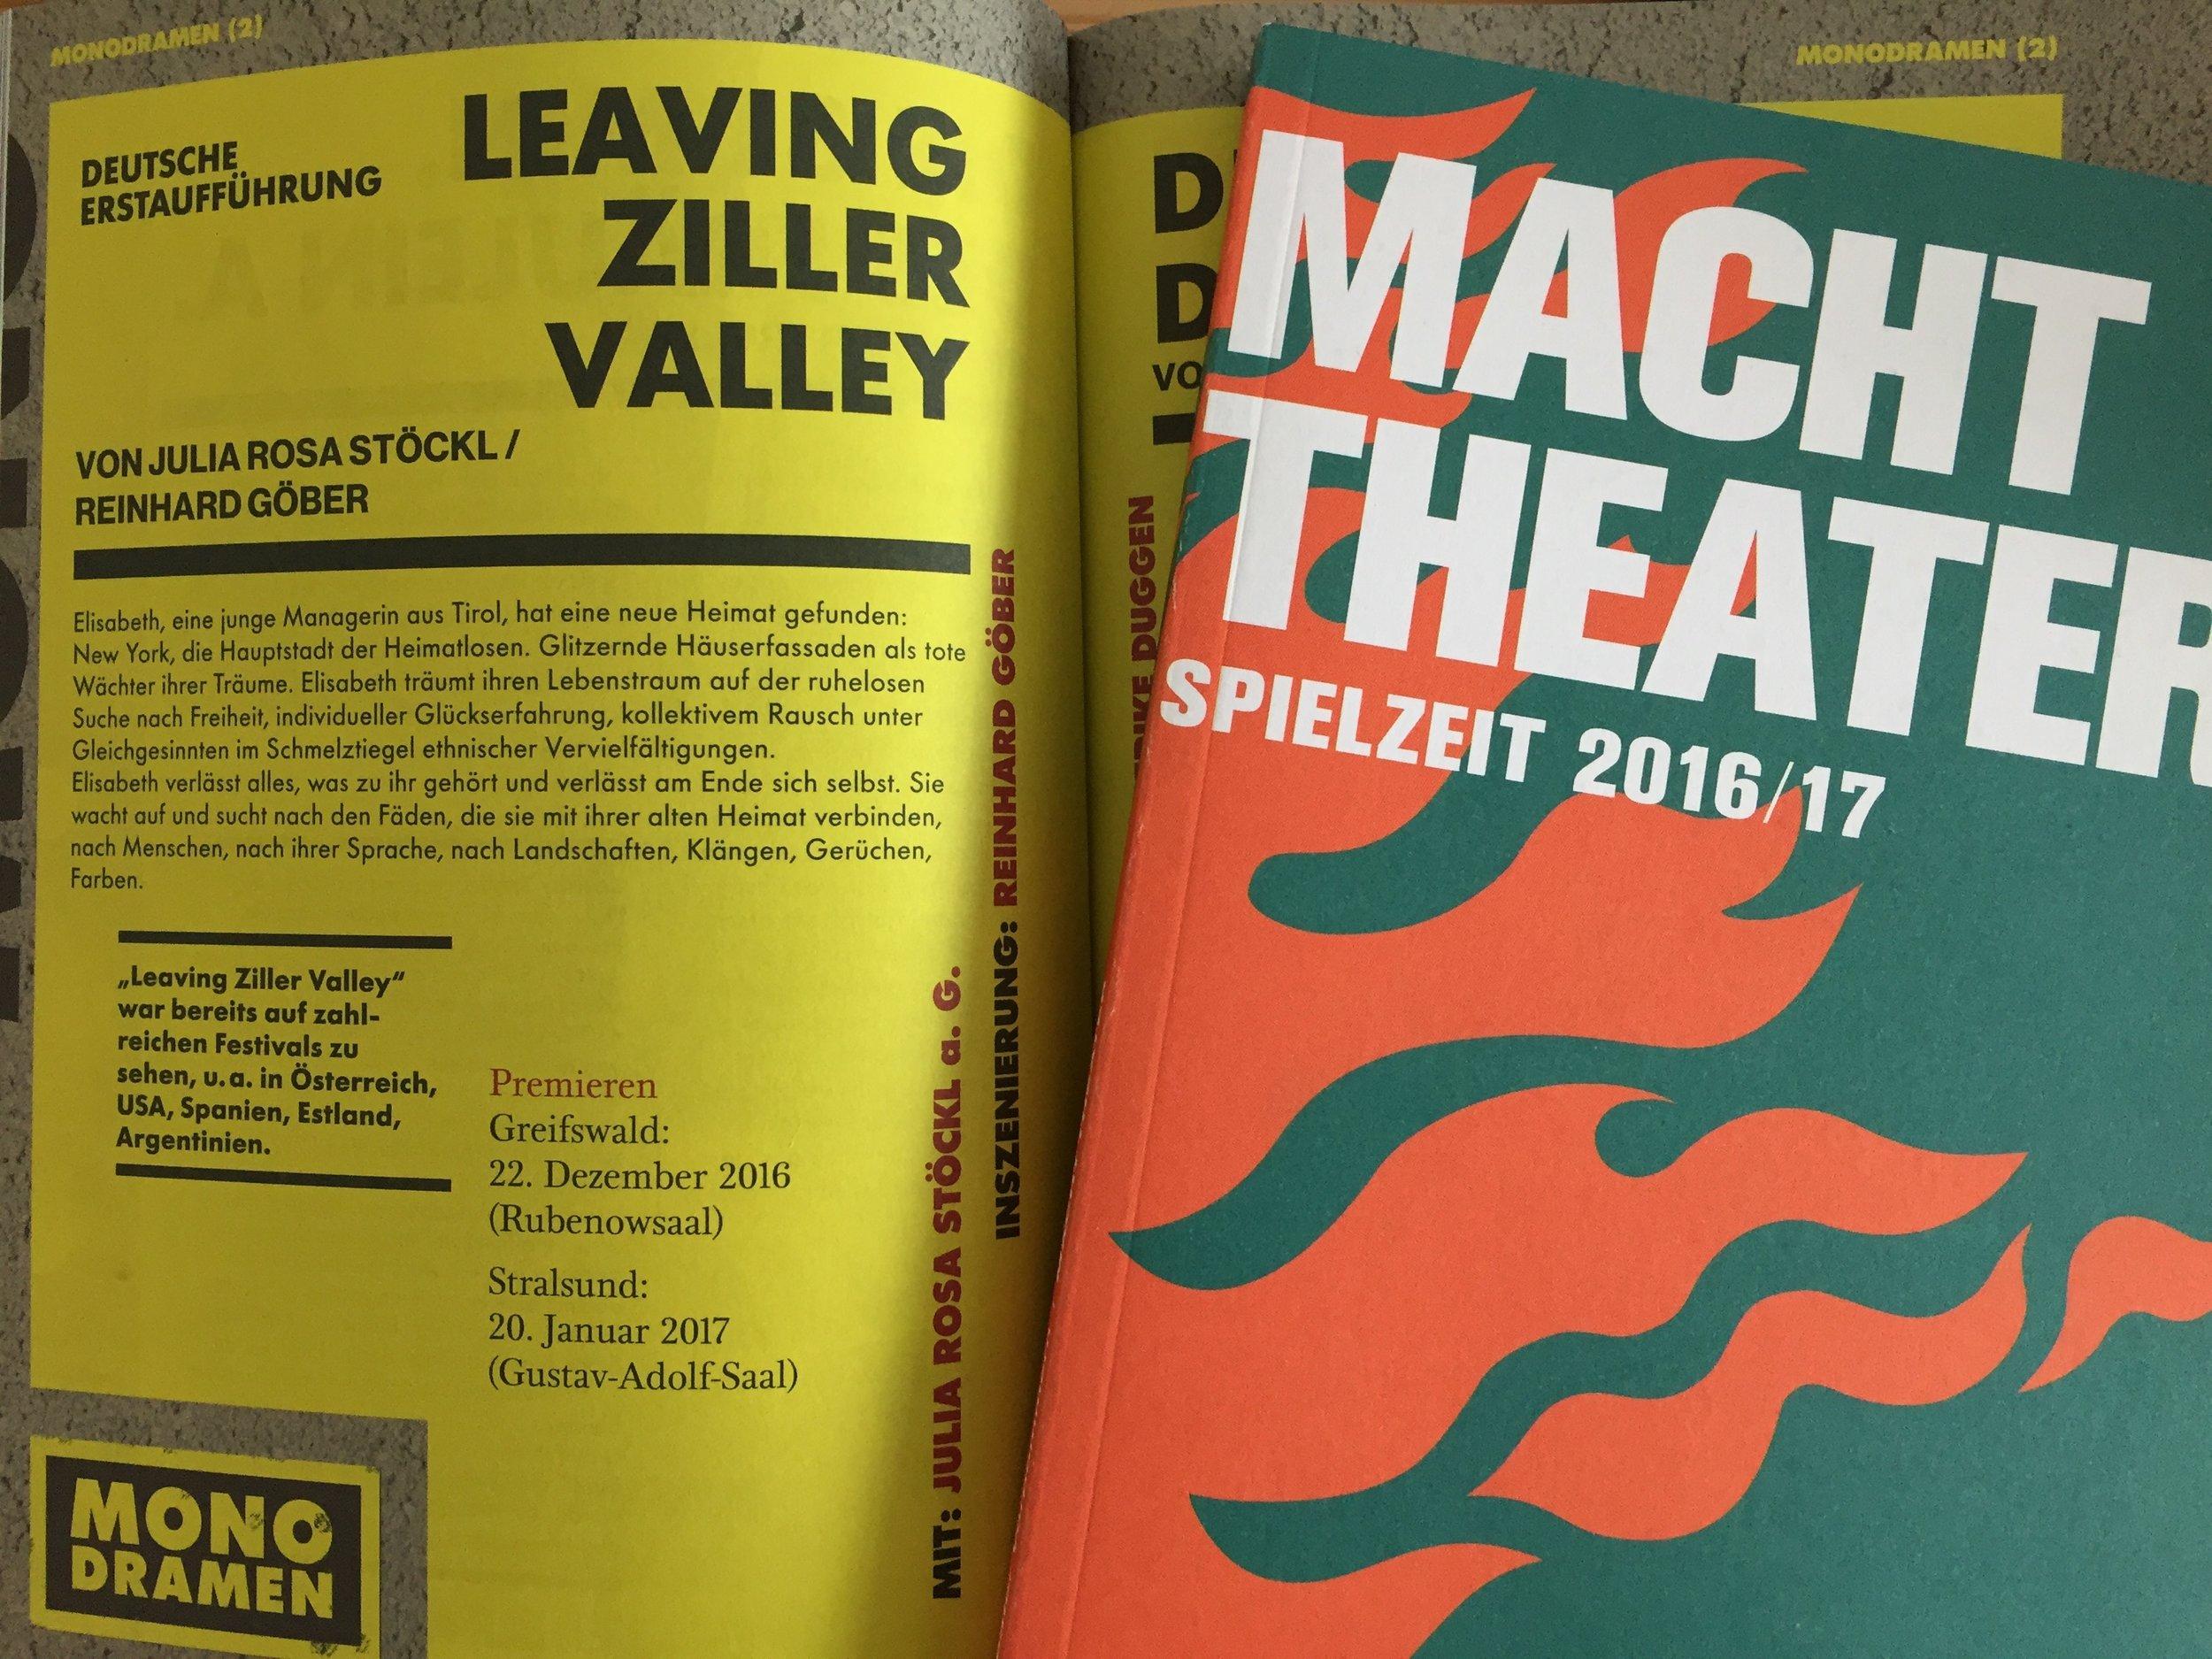 …im Spielzeit Katalog des Theater Vorpommern in Greifswald & Stralsund. (Copyright: JR Stöckl)